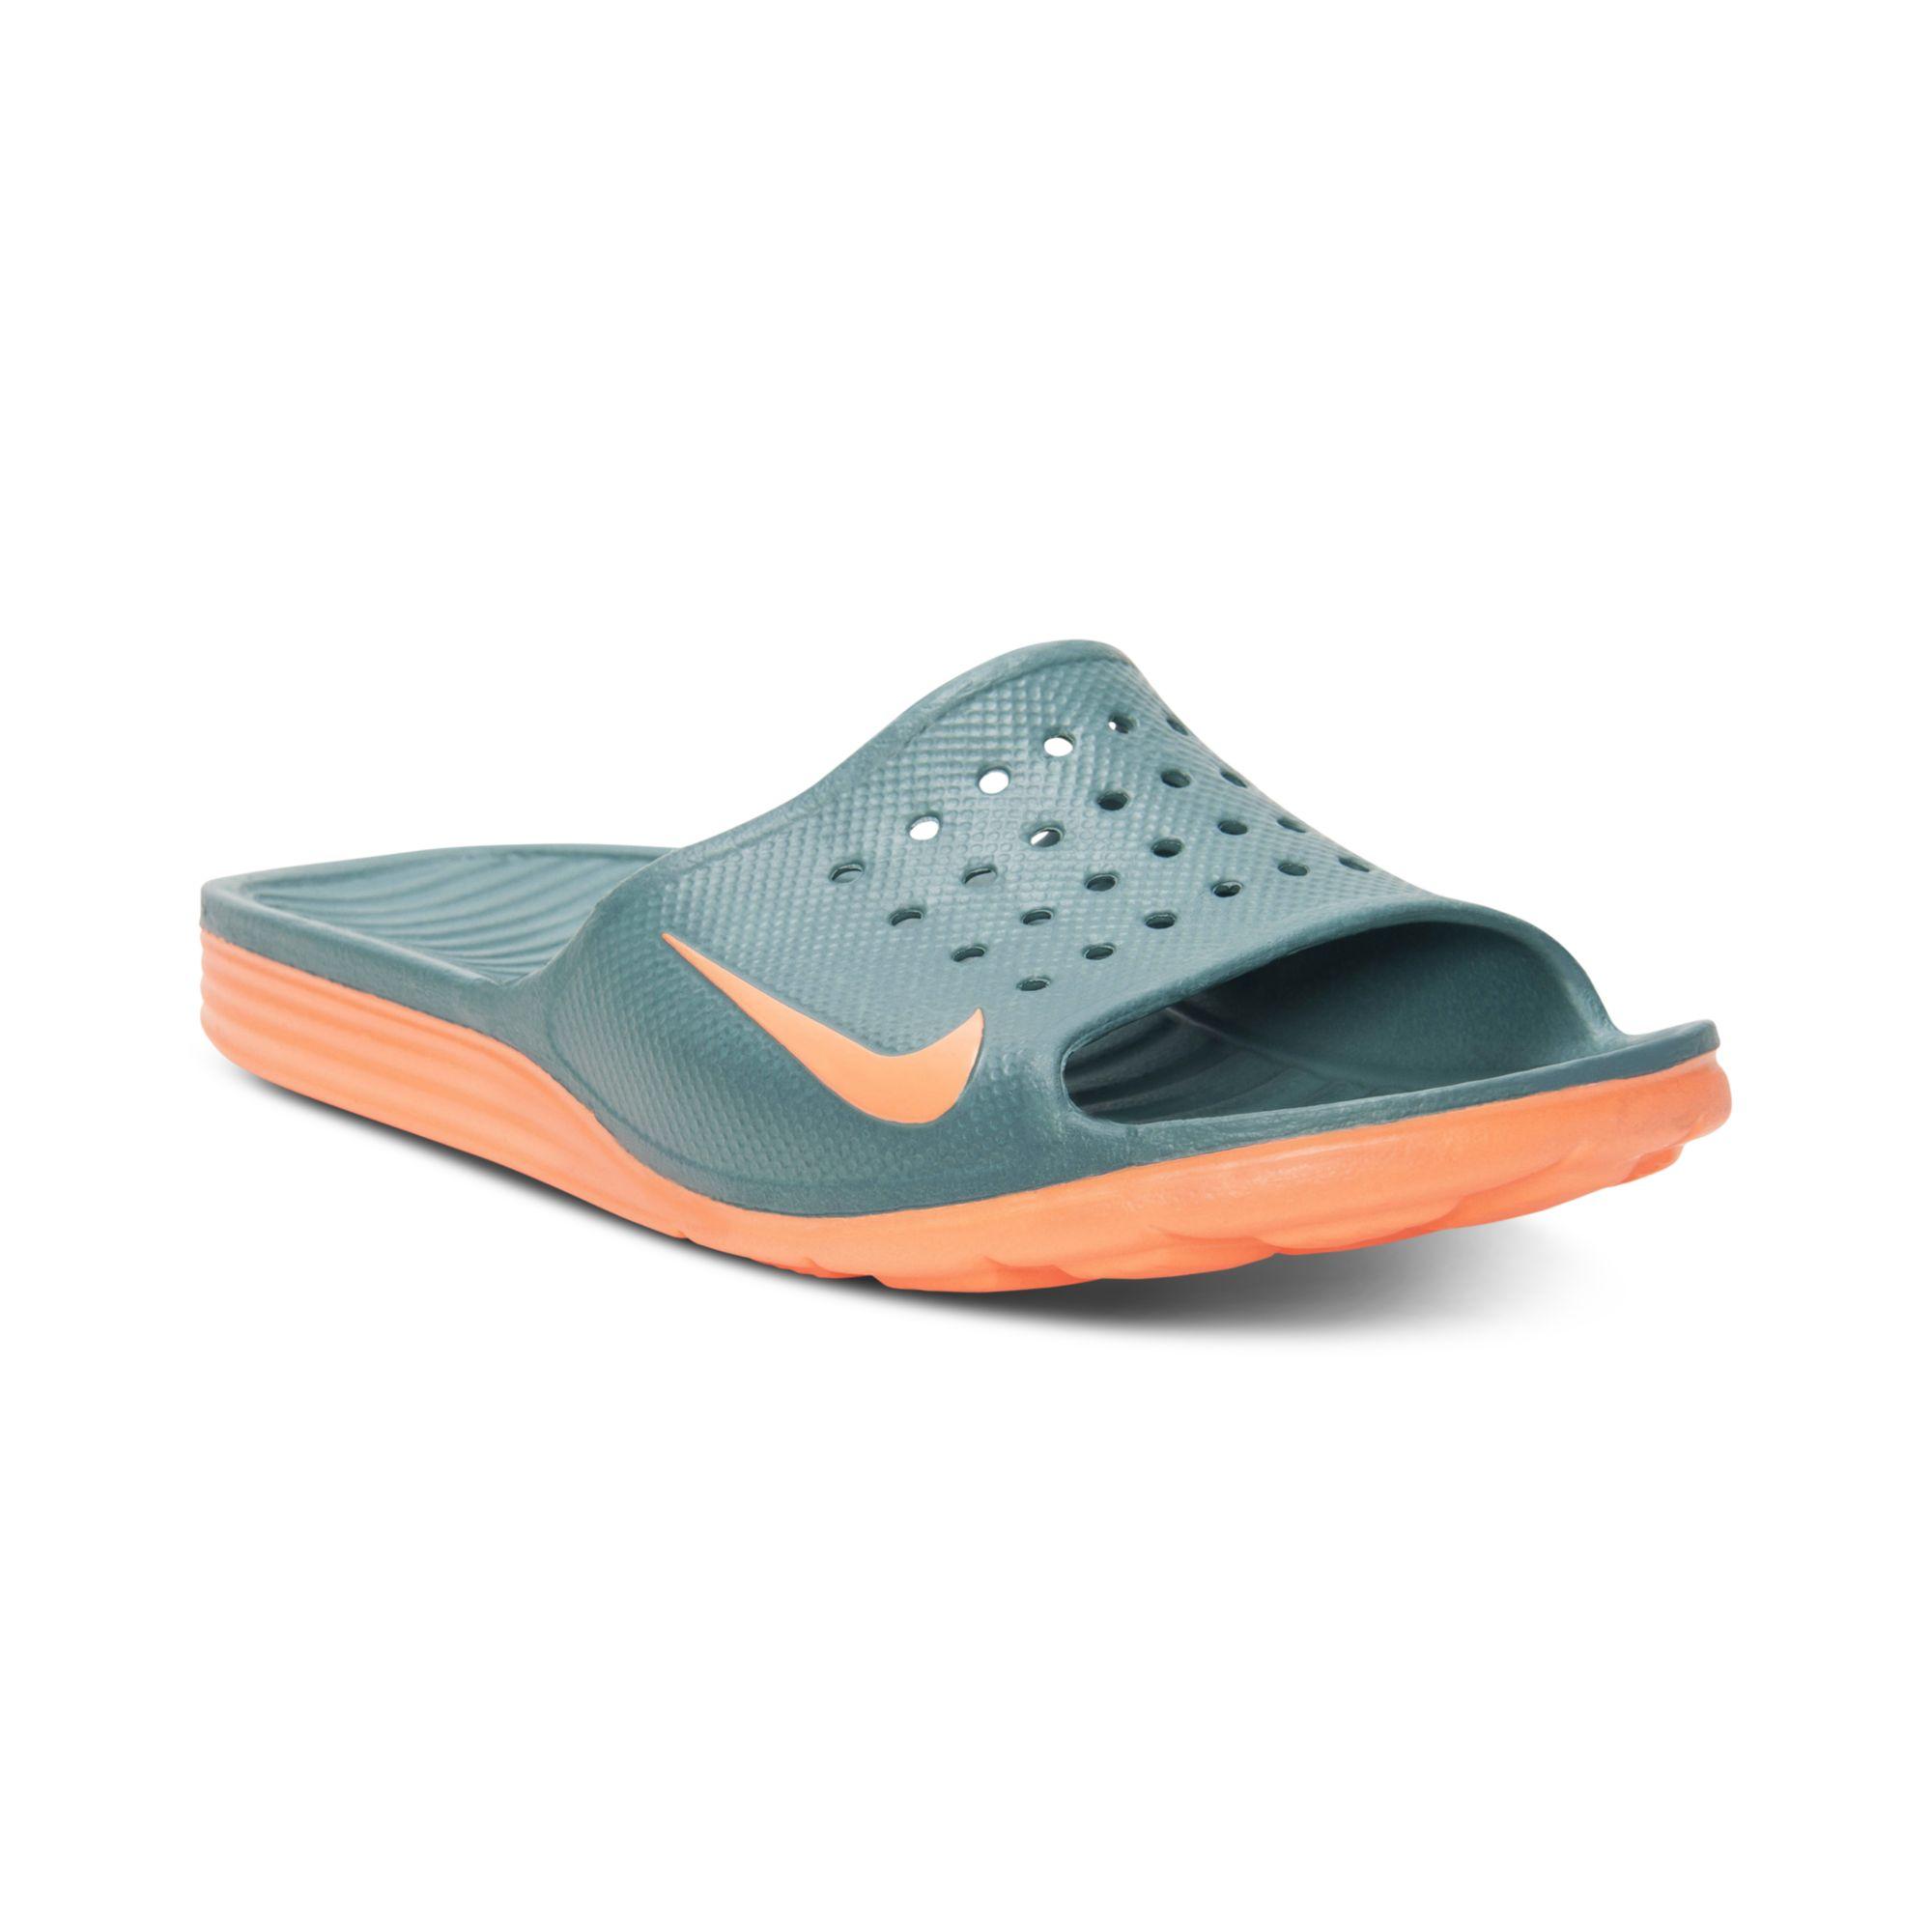 Nike Benassi Solarsoft Slide Sandals In Green For Men Lyst